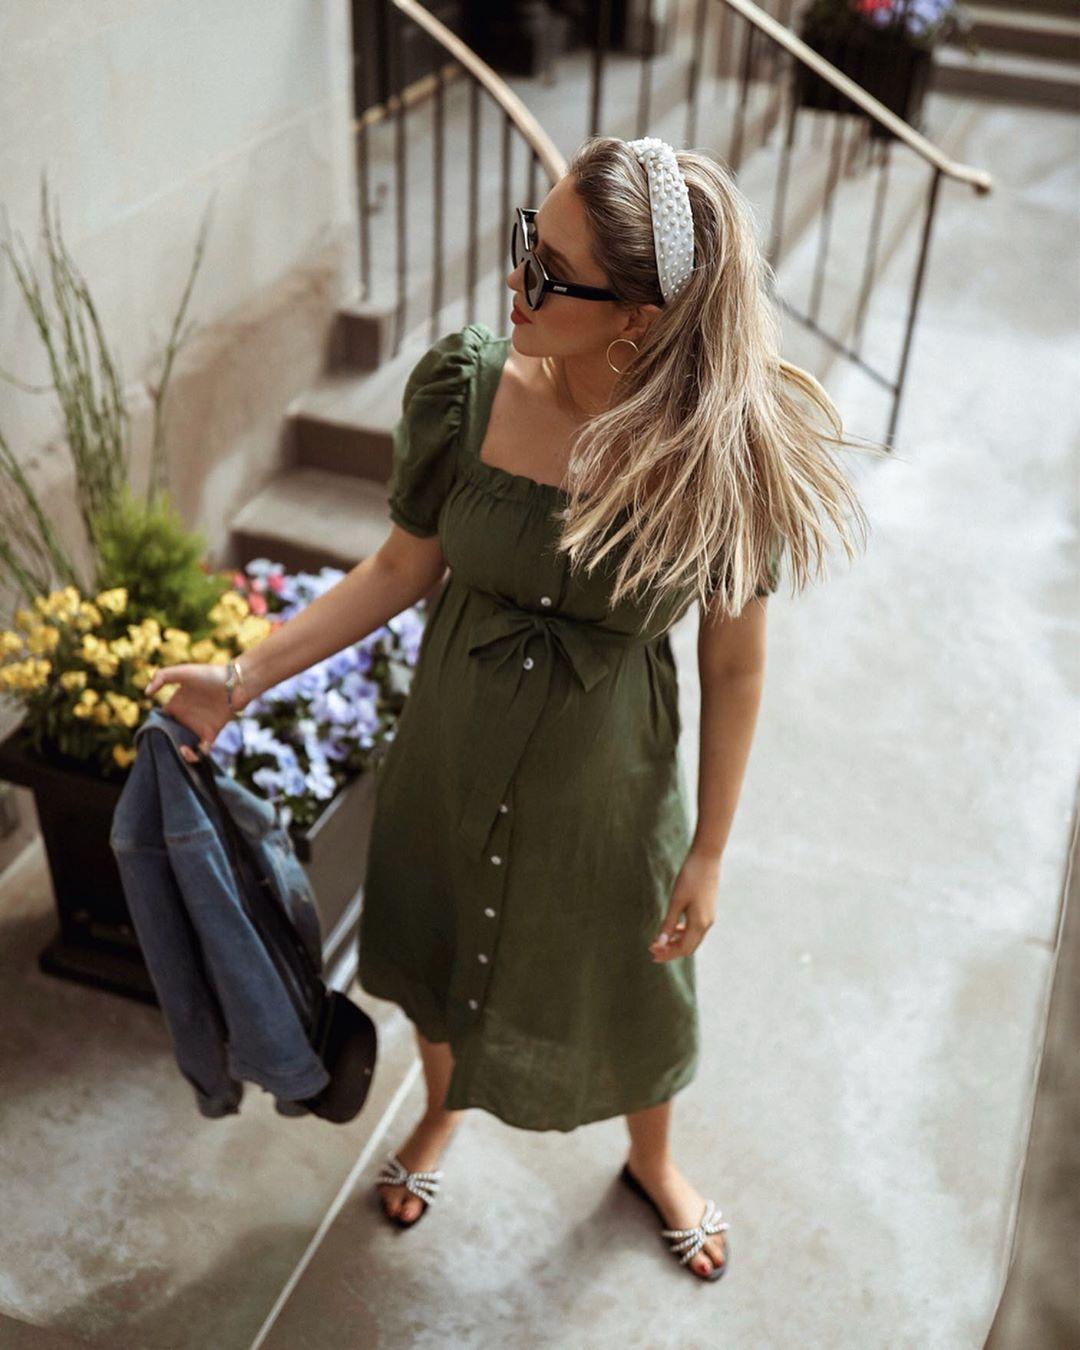 модные образы в оливковом цвете цвете фото 3